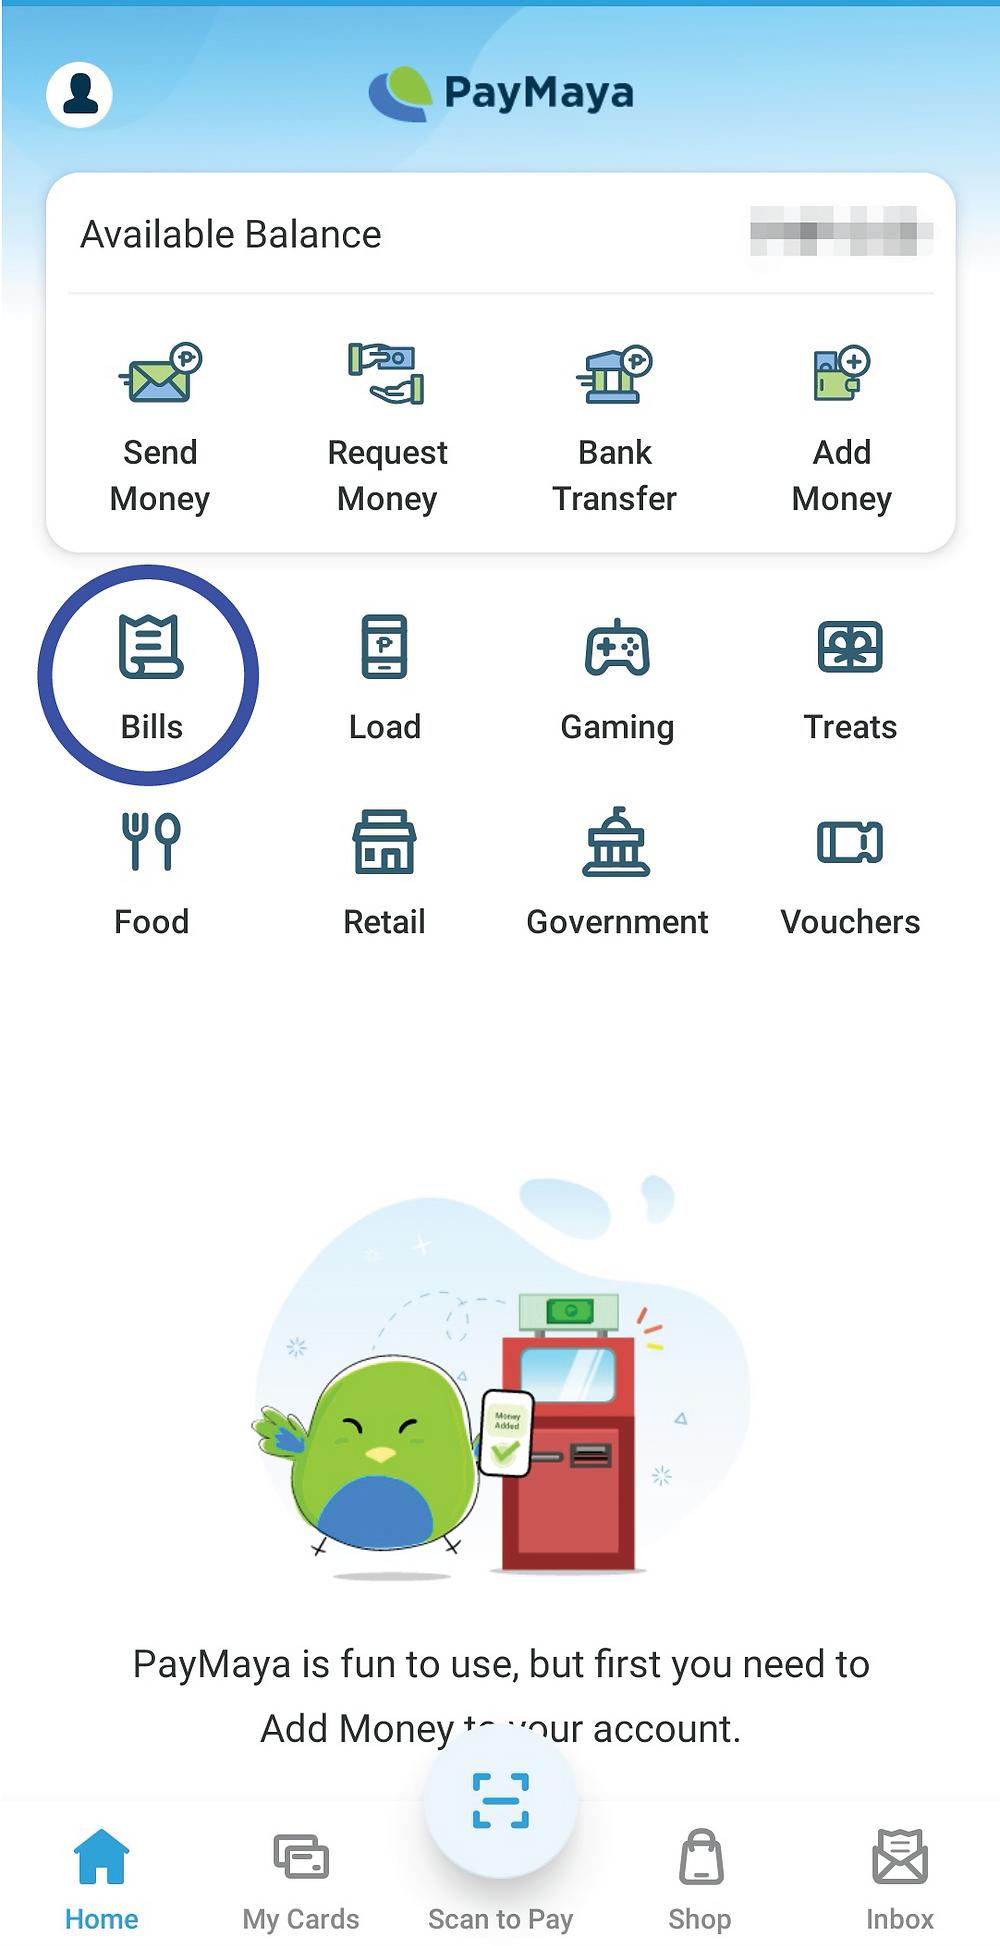 Make sure to have enough credit balance. Click Pay Bills